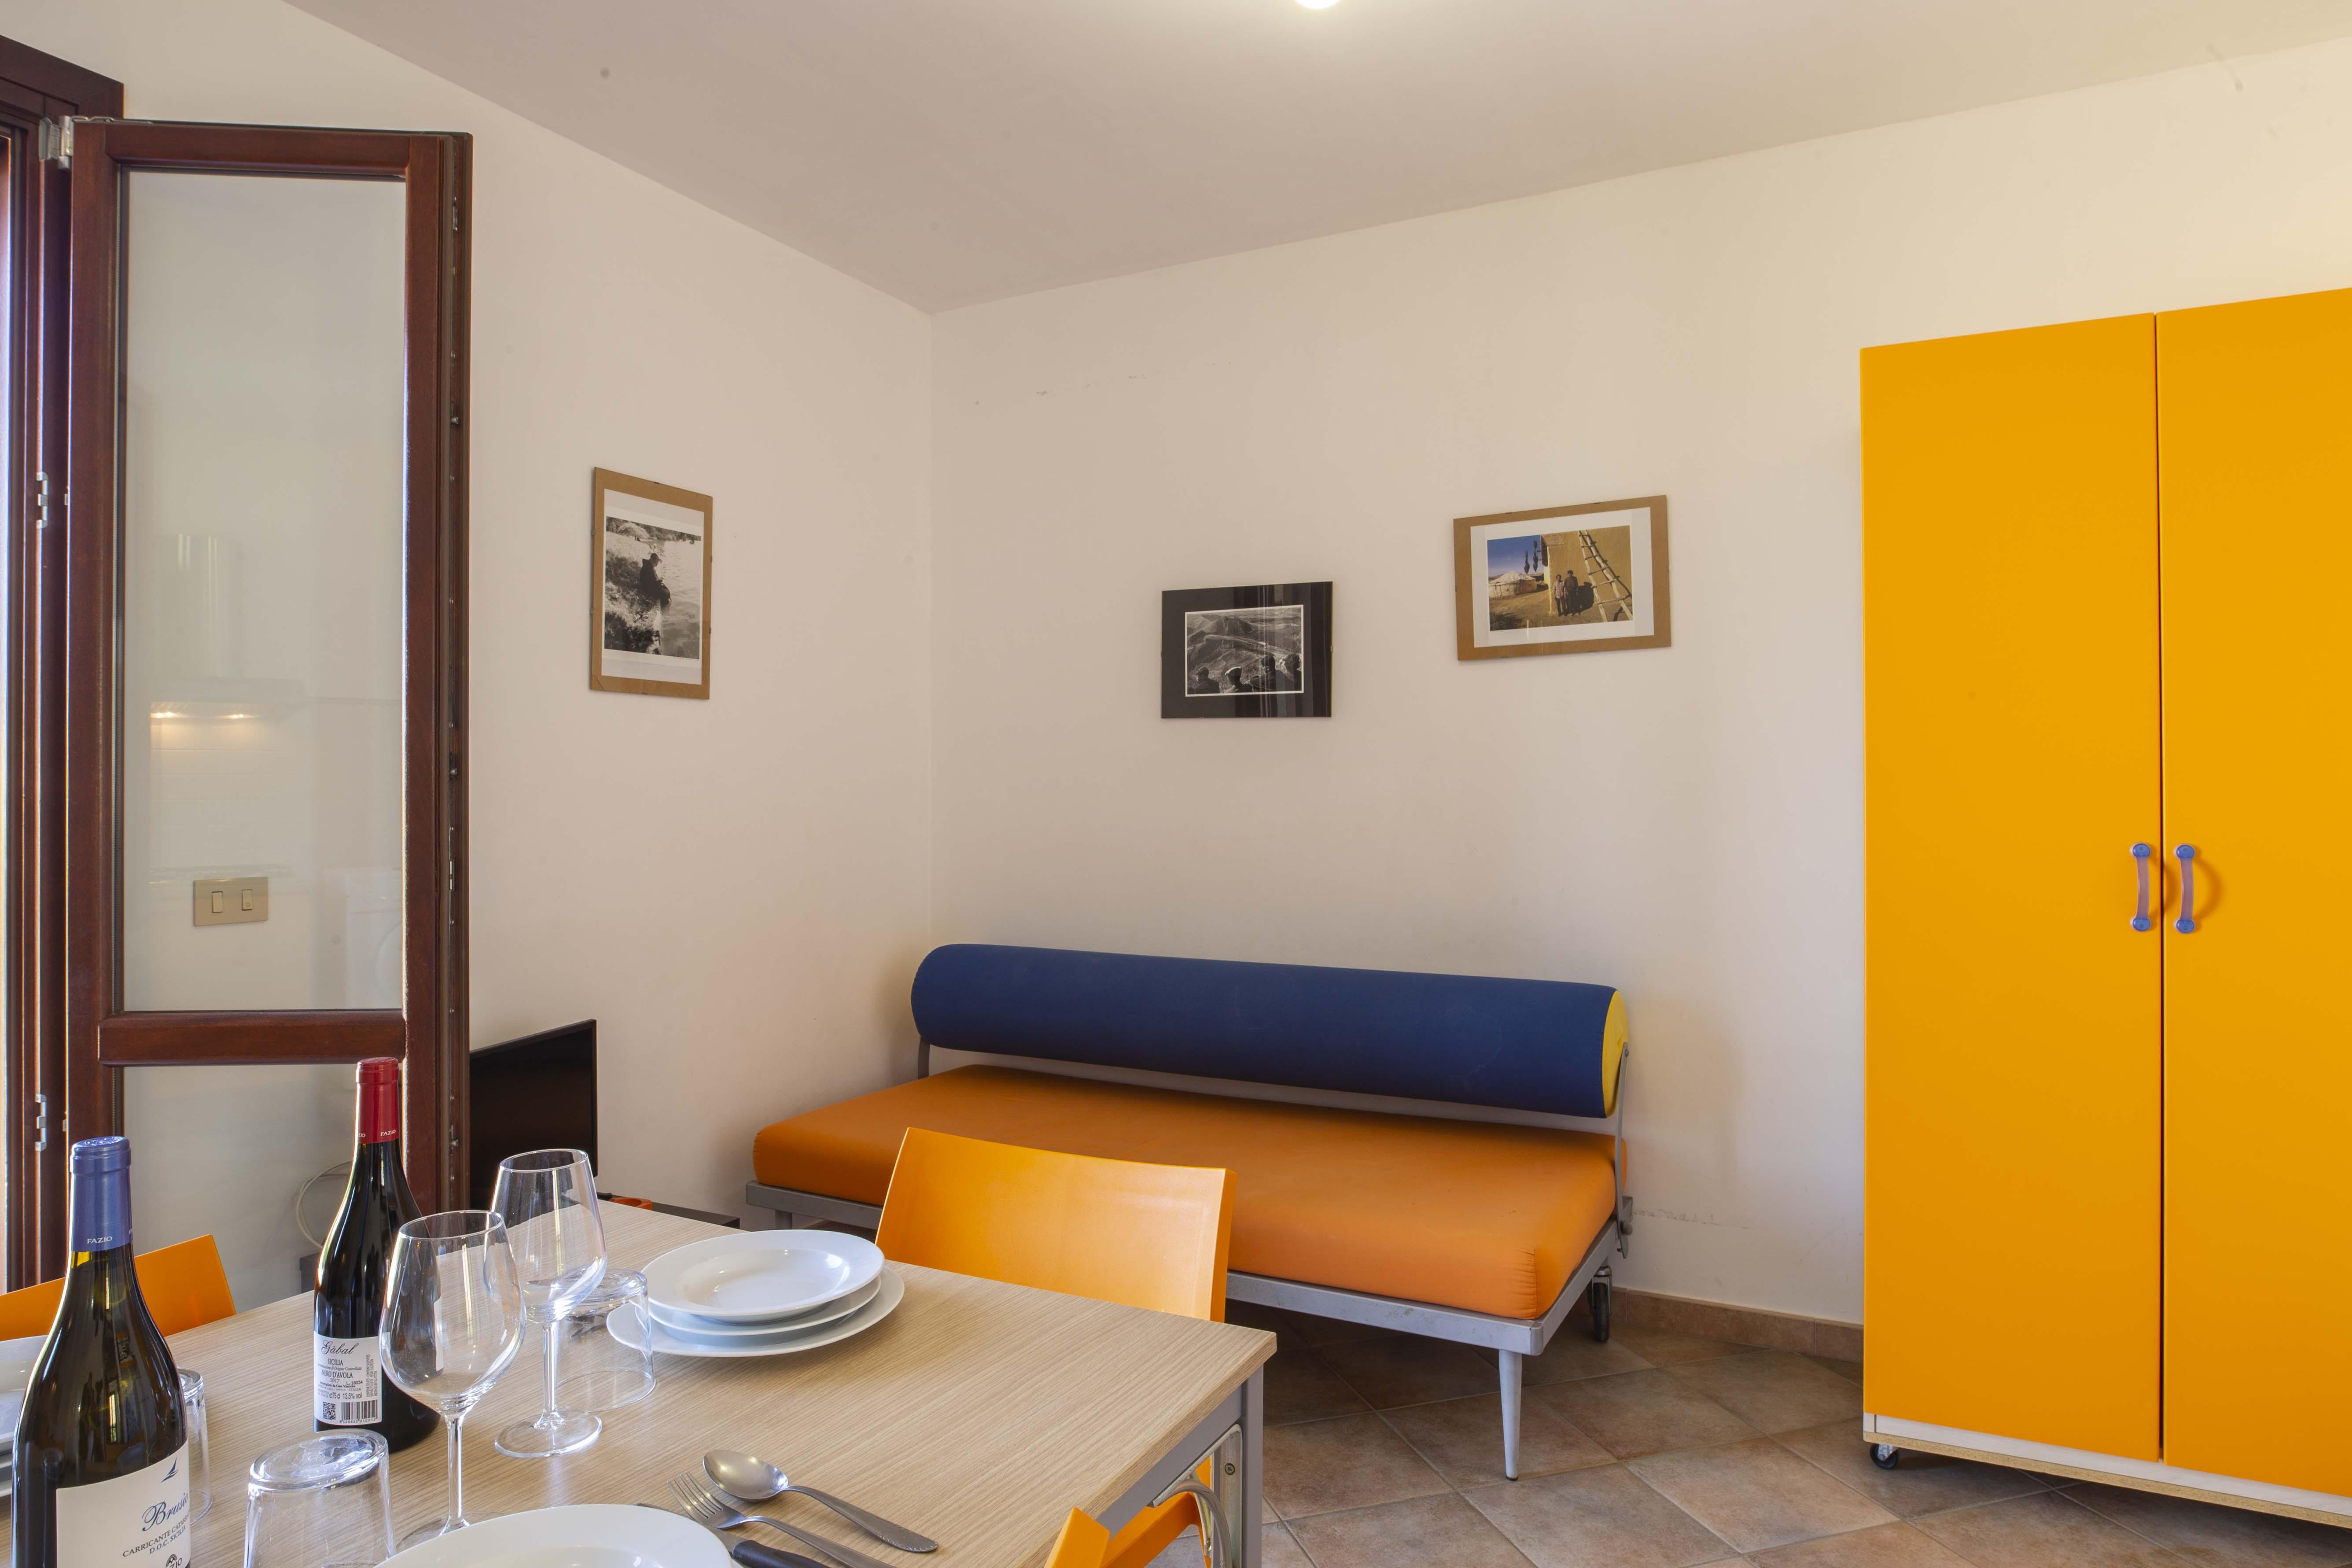 Tavolo in soggiorno con divano letto